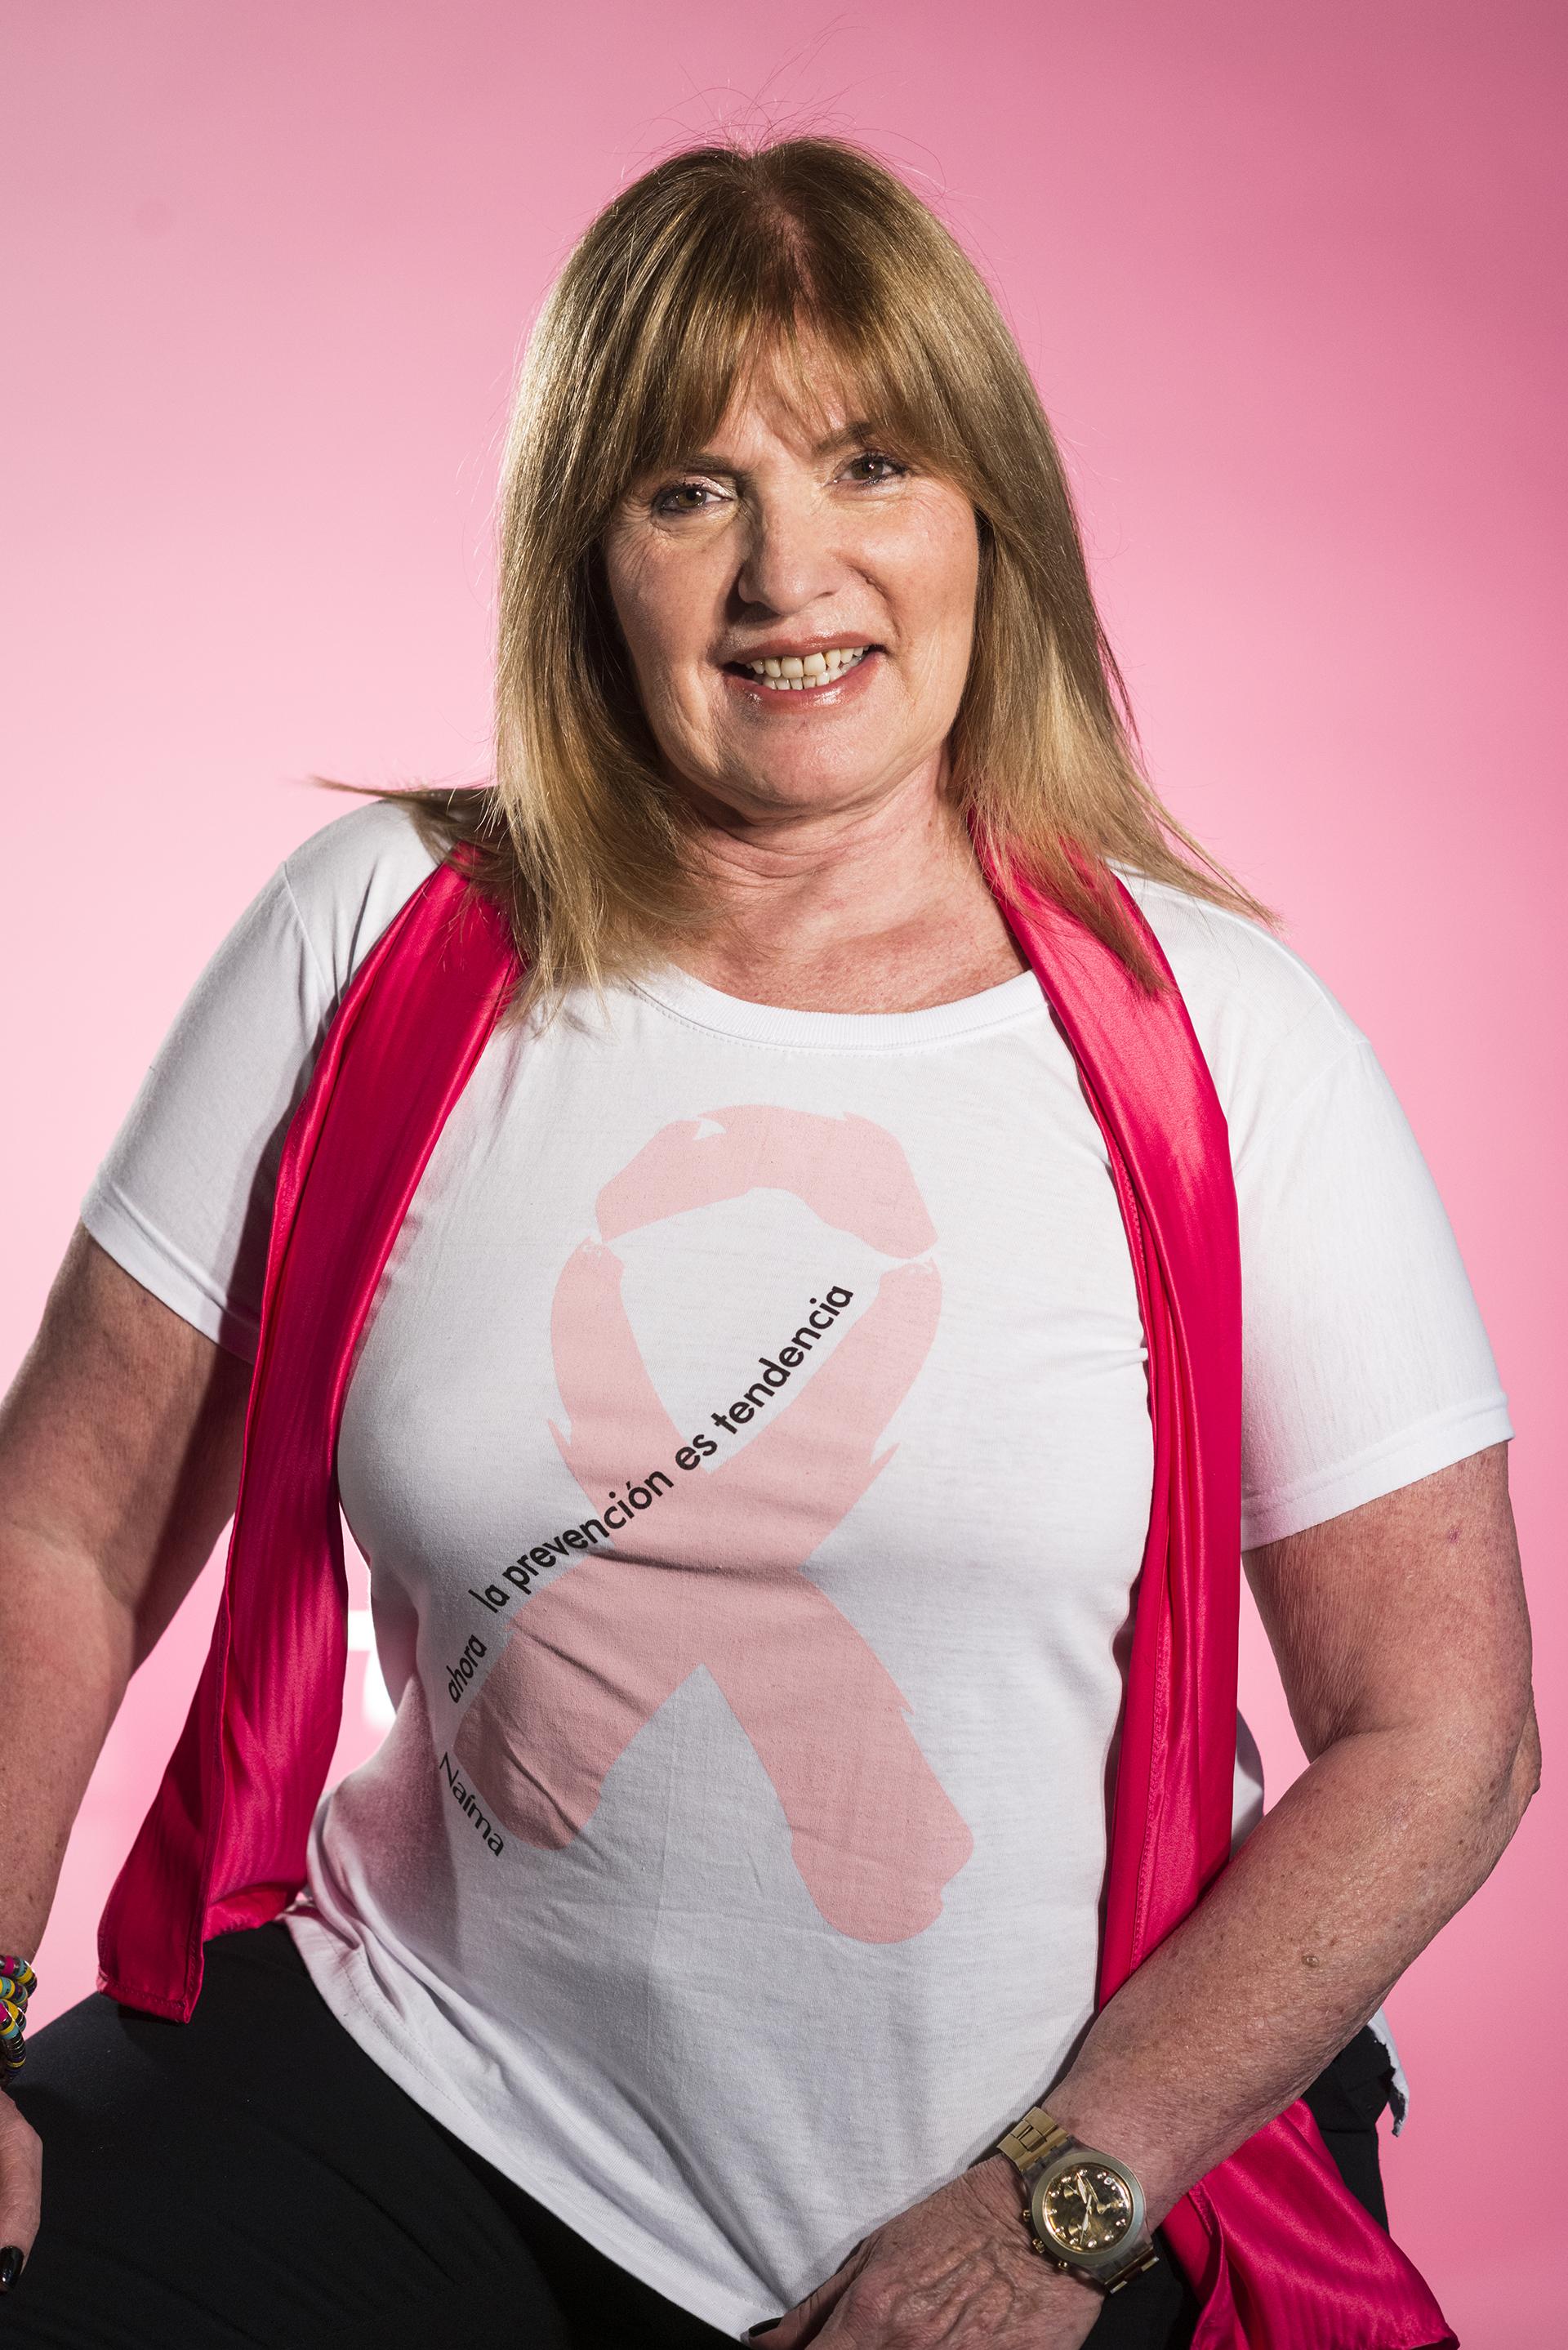 Sofía Neiman, PR directora de Neiman Producciones, elige el mes de marzo para realizarse todos los controles ginecológicos correspondientes